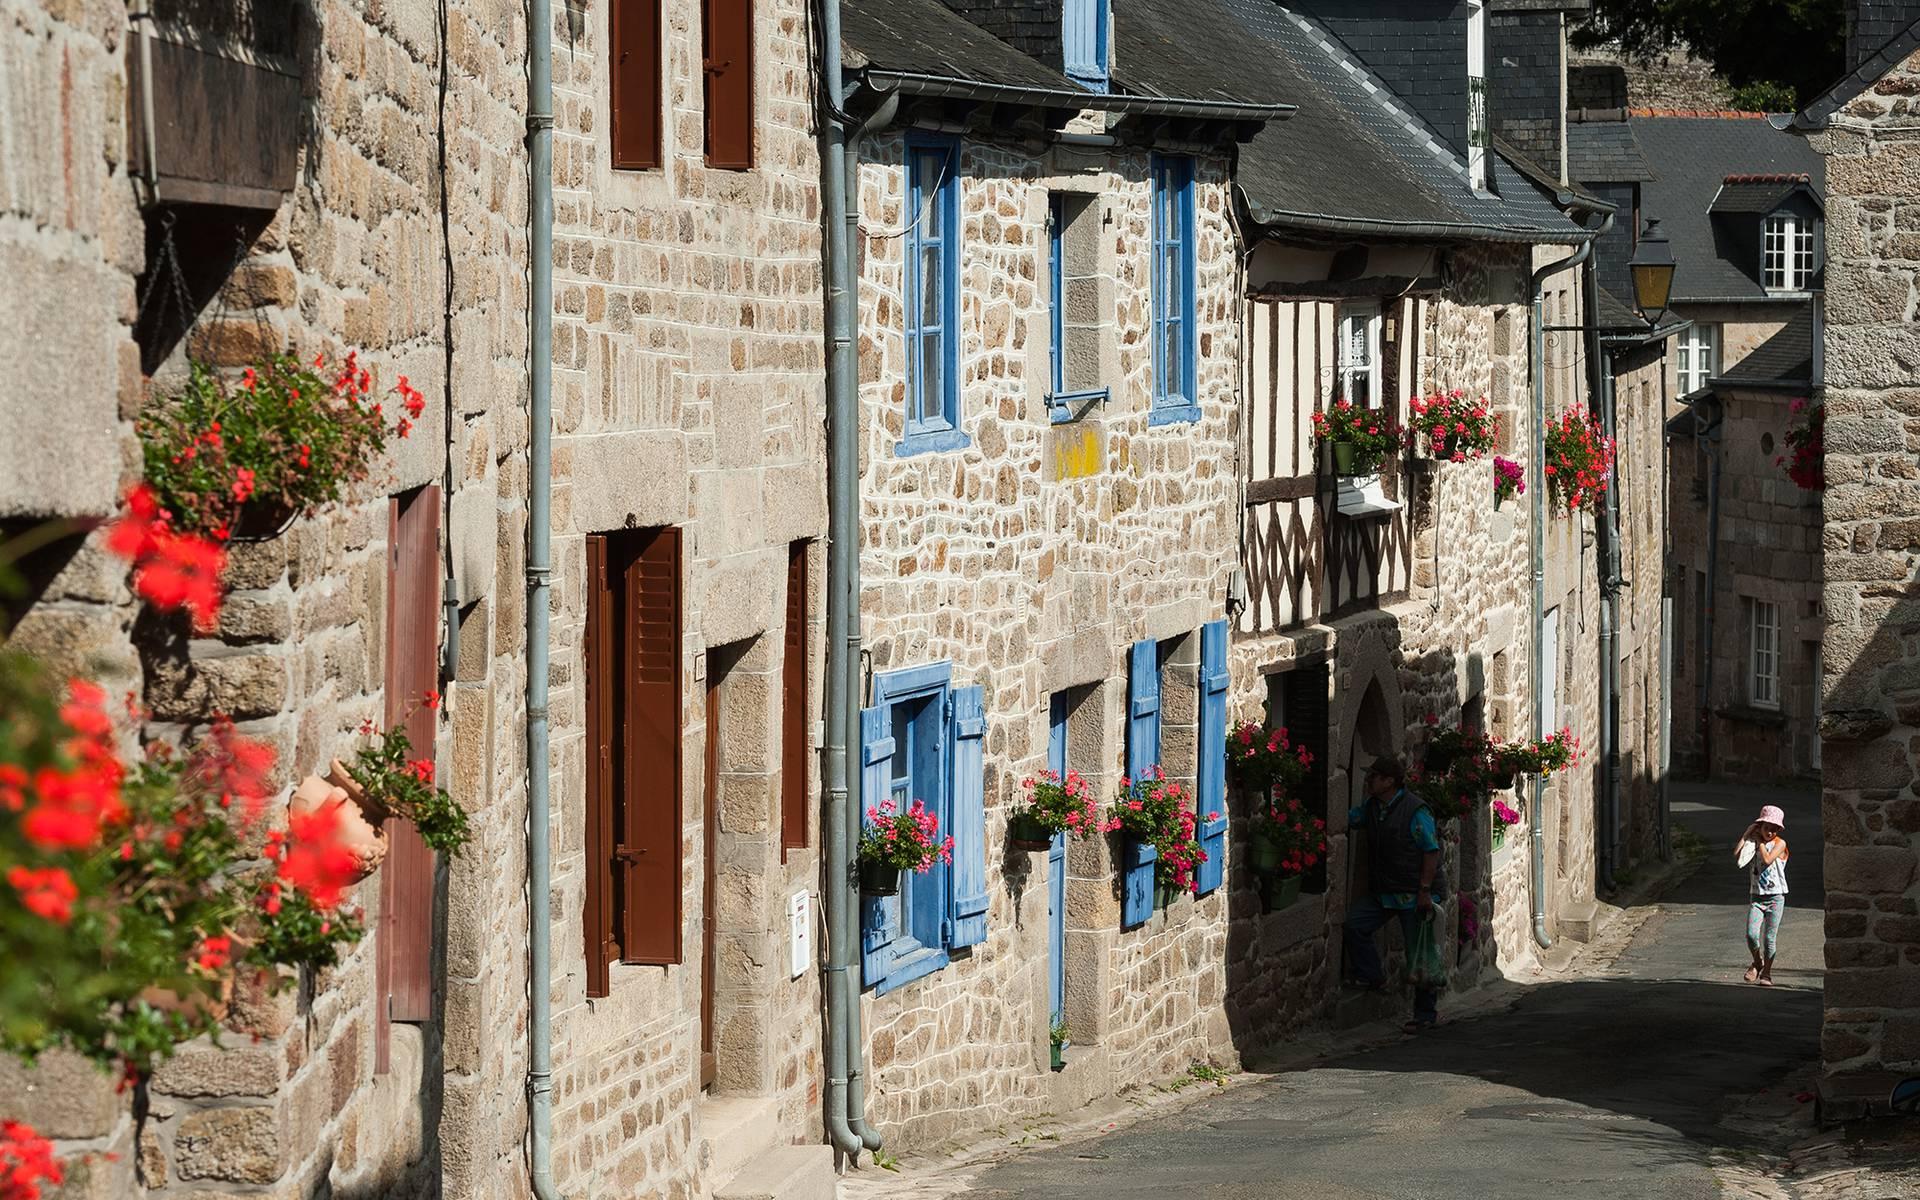 rue-de-moncontour